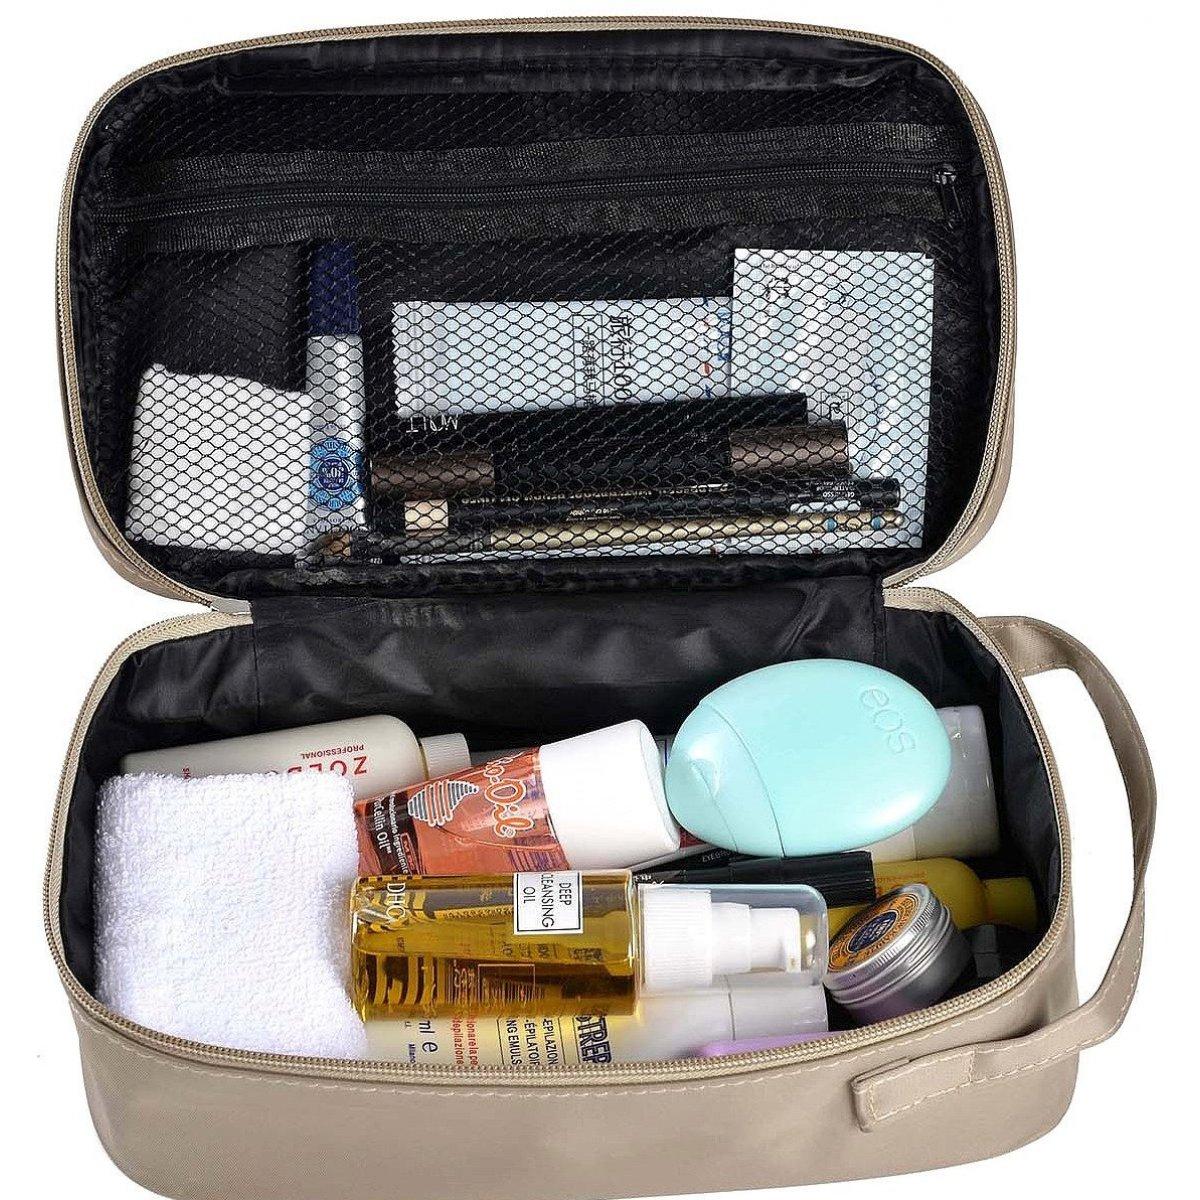 Trousse De Toilette Les Sacs De Krlot - Ak161005 - Couleur pour Trousse De Toilette Homme Pas Cher